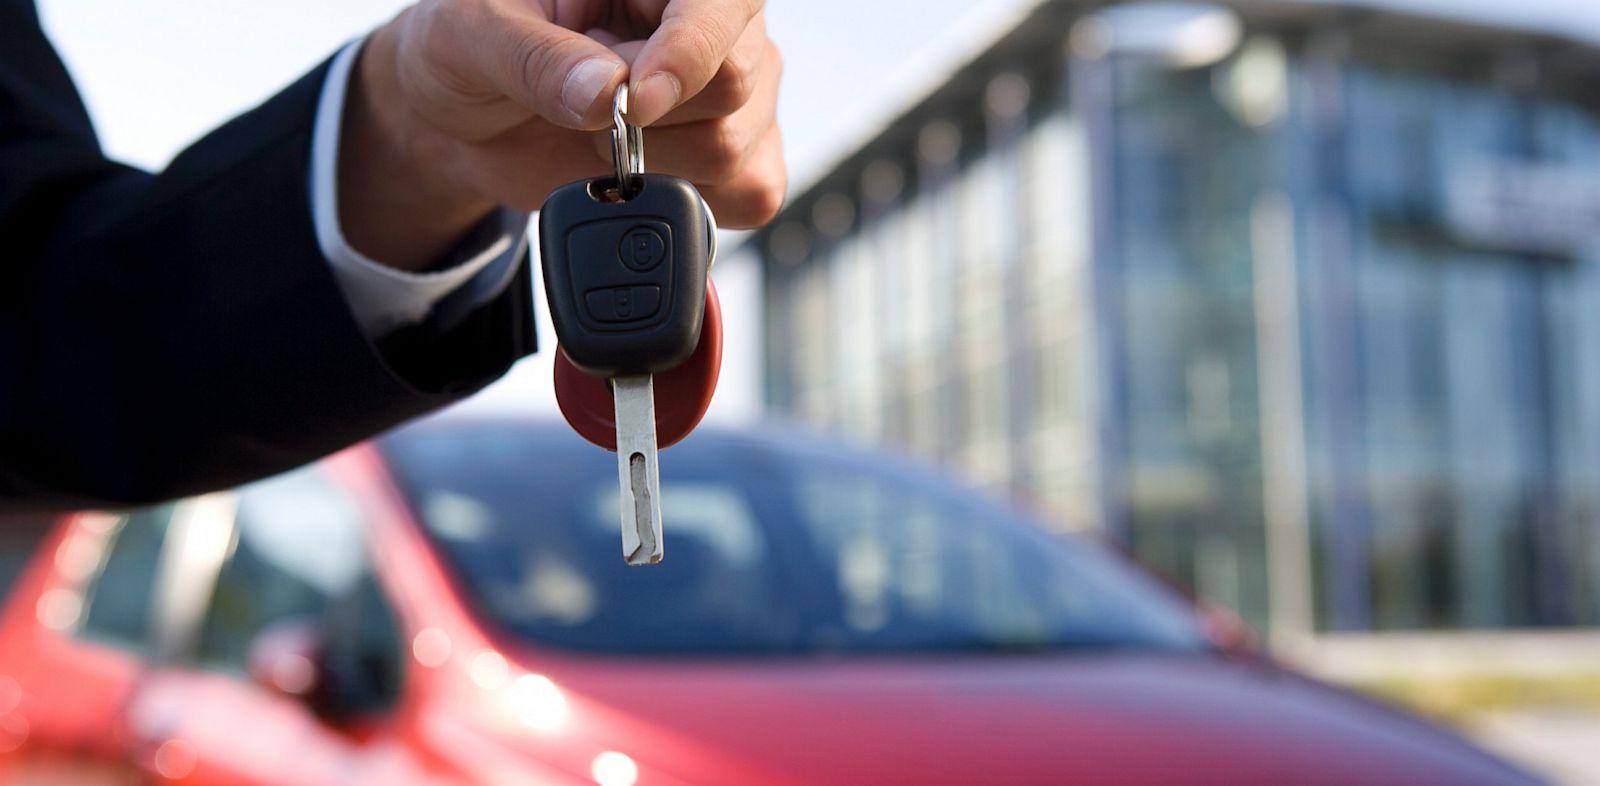 خرید آنلاین خودرو از دیوار؛ چگونه ایمن معامله کنیم؟